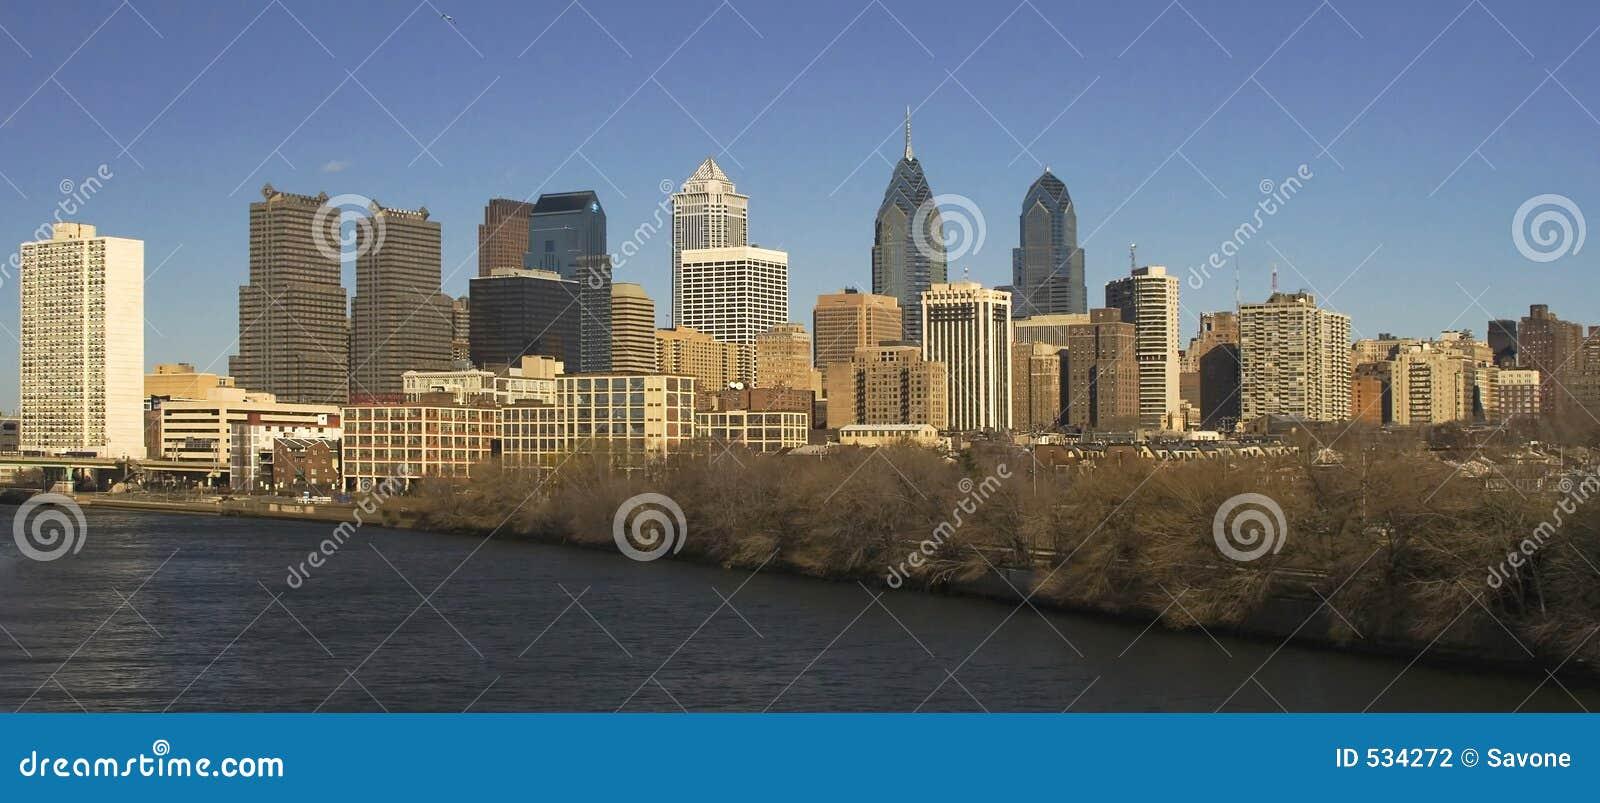 Download 费城地平线 库存照片. 图片 包括有 摩天大楼, 拱道, 城市, 地平线, 商业, 旅行, 布哈拉, 费城, 街市 - 534272